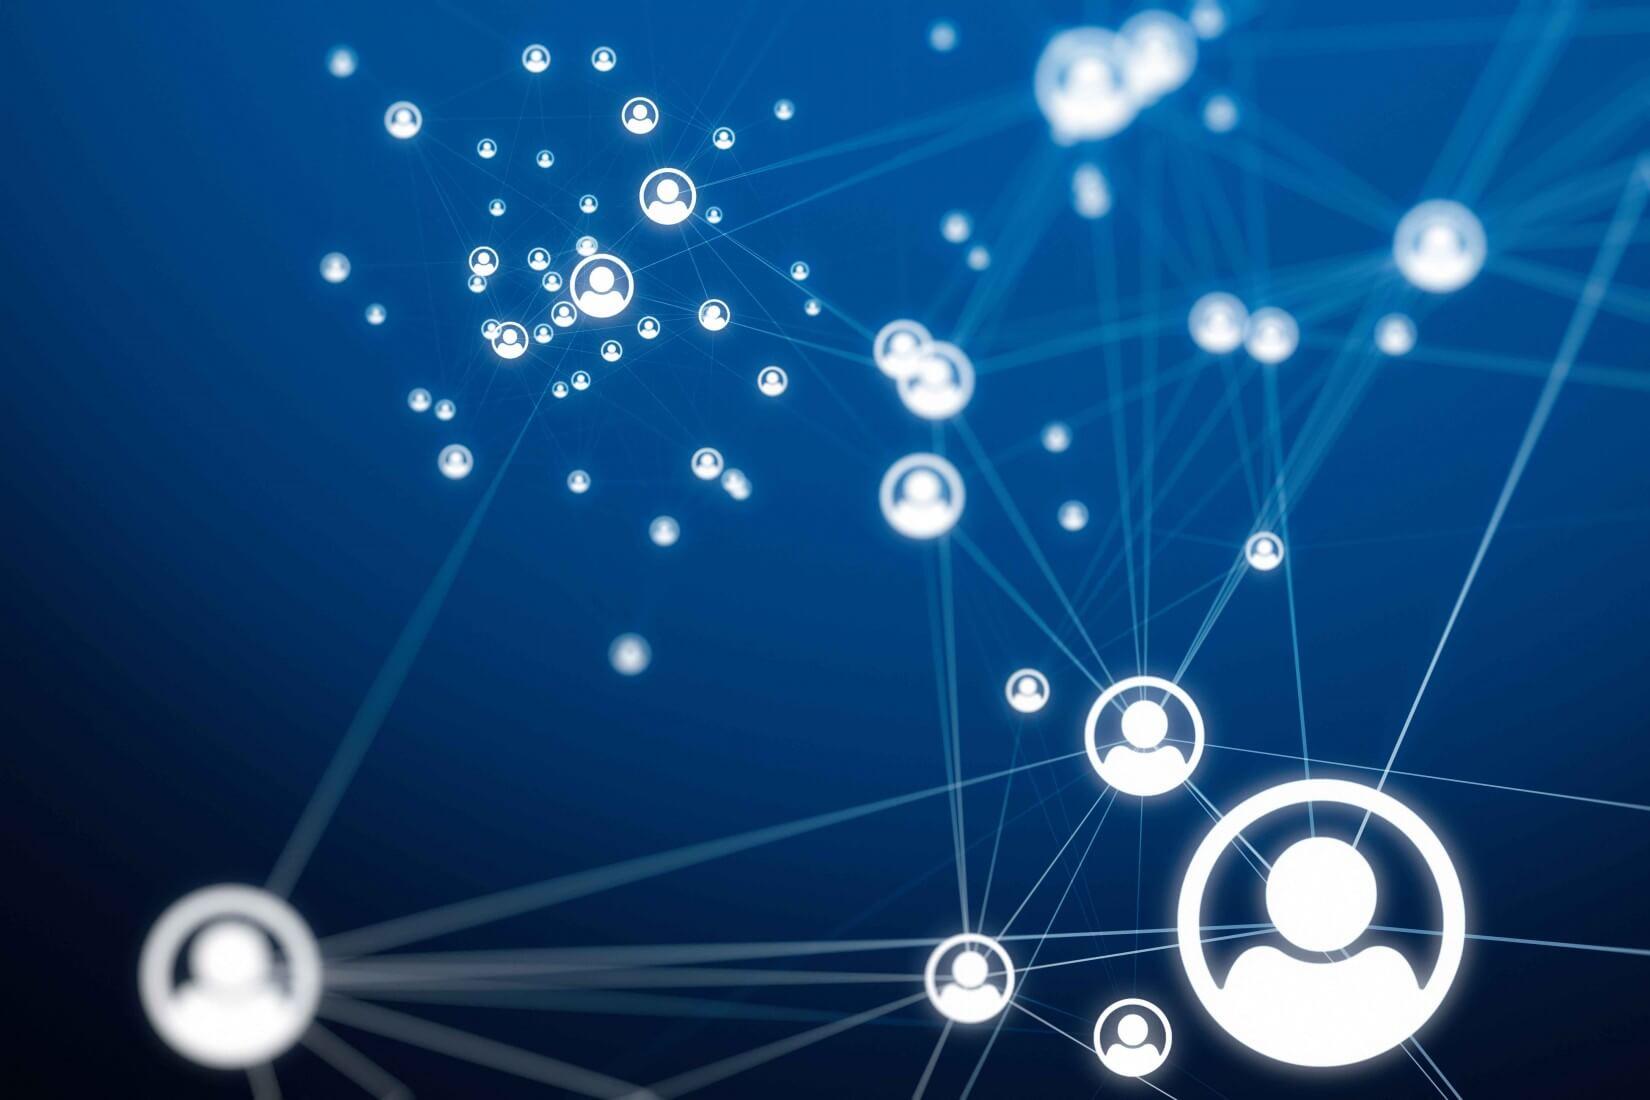 Virtuelle Facebook Connections von Profilen